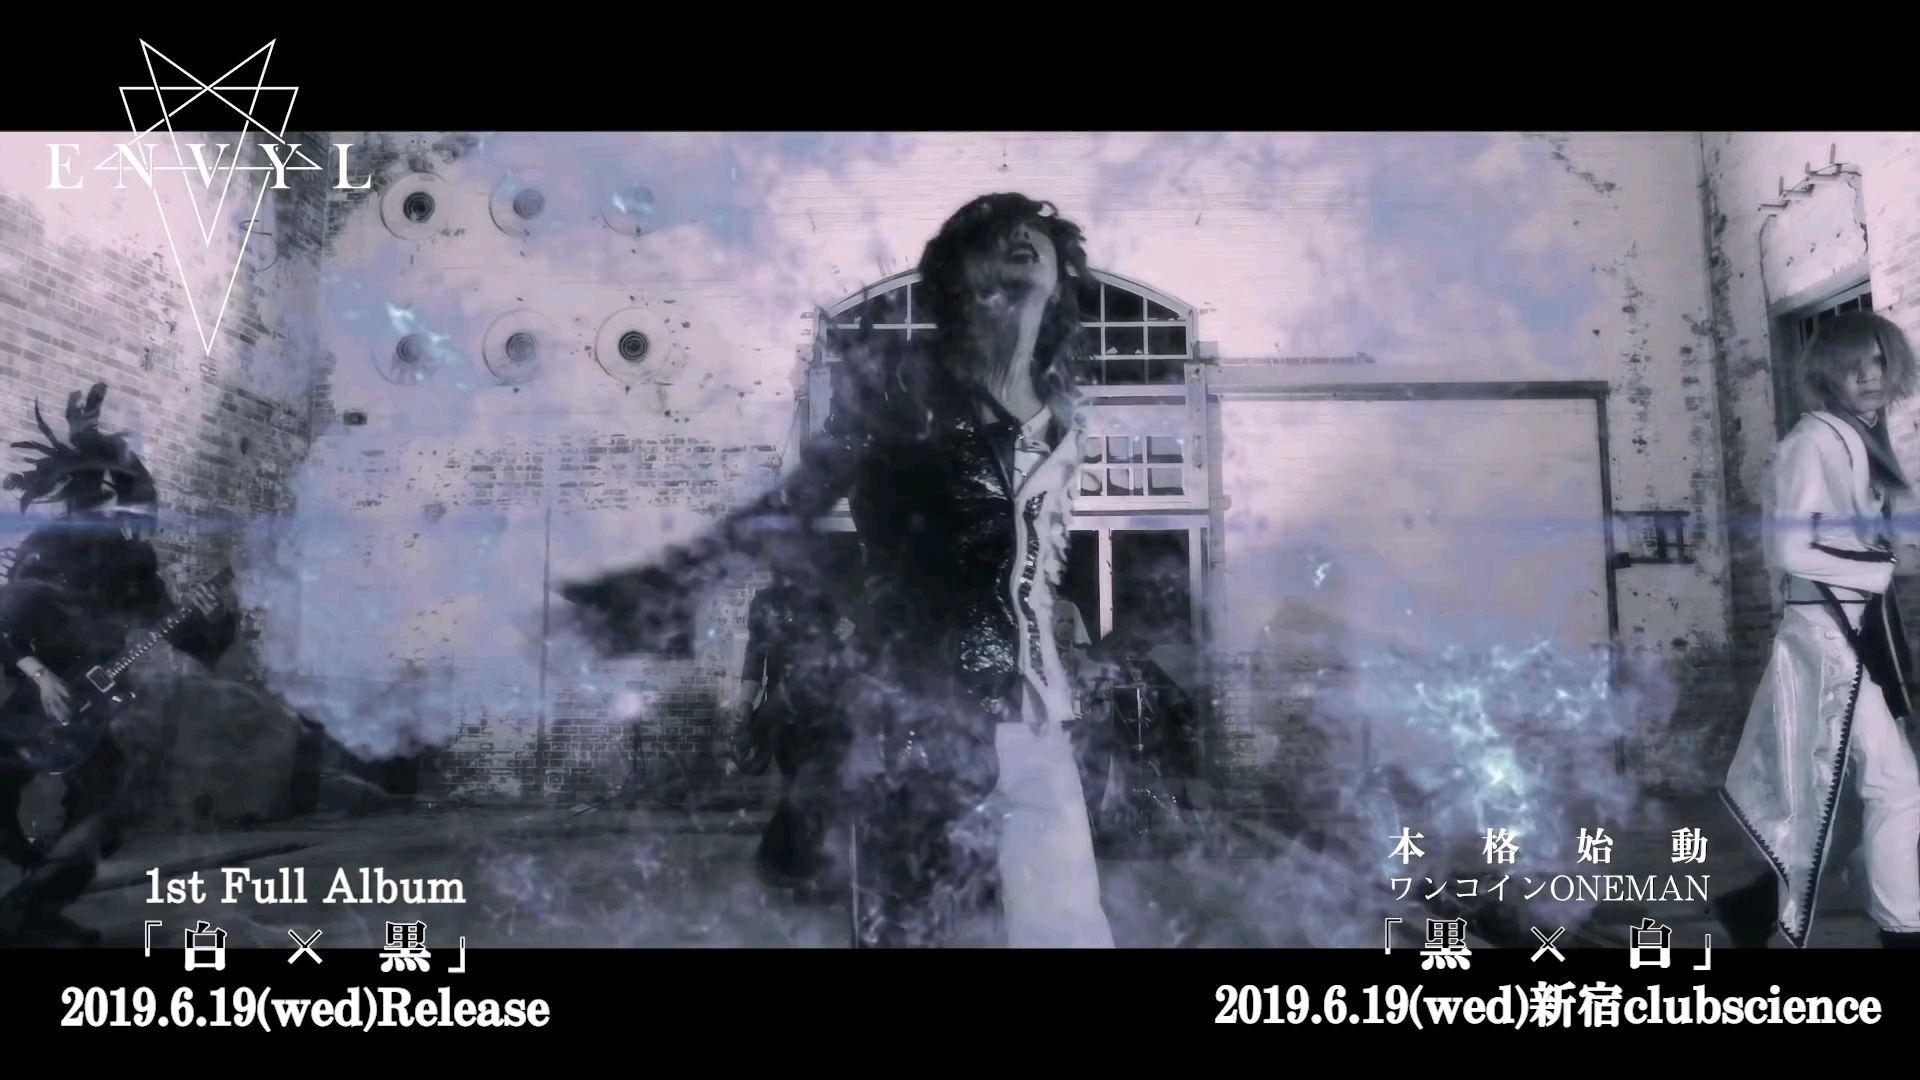 日本视觉系摇滚金属电子死核ENVYL - D I D